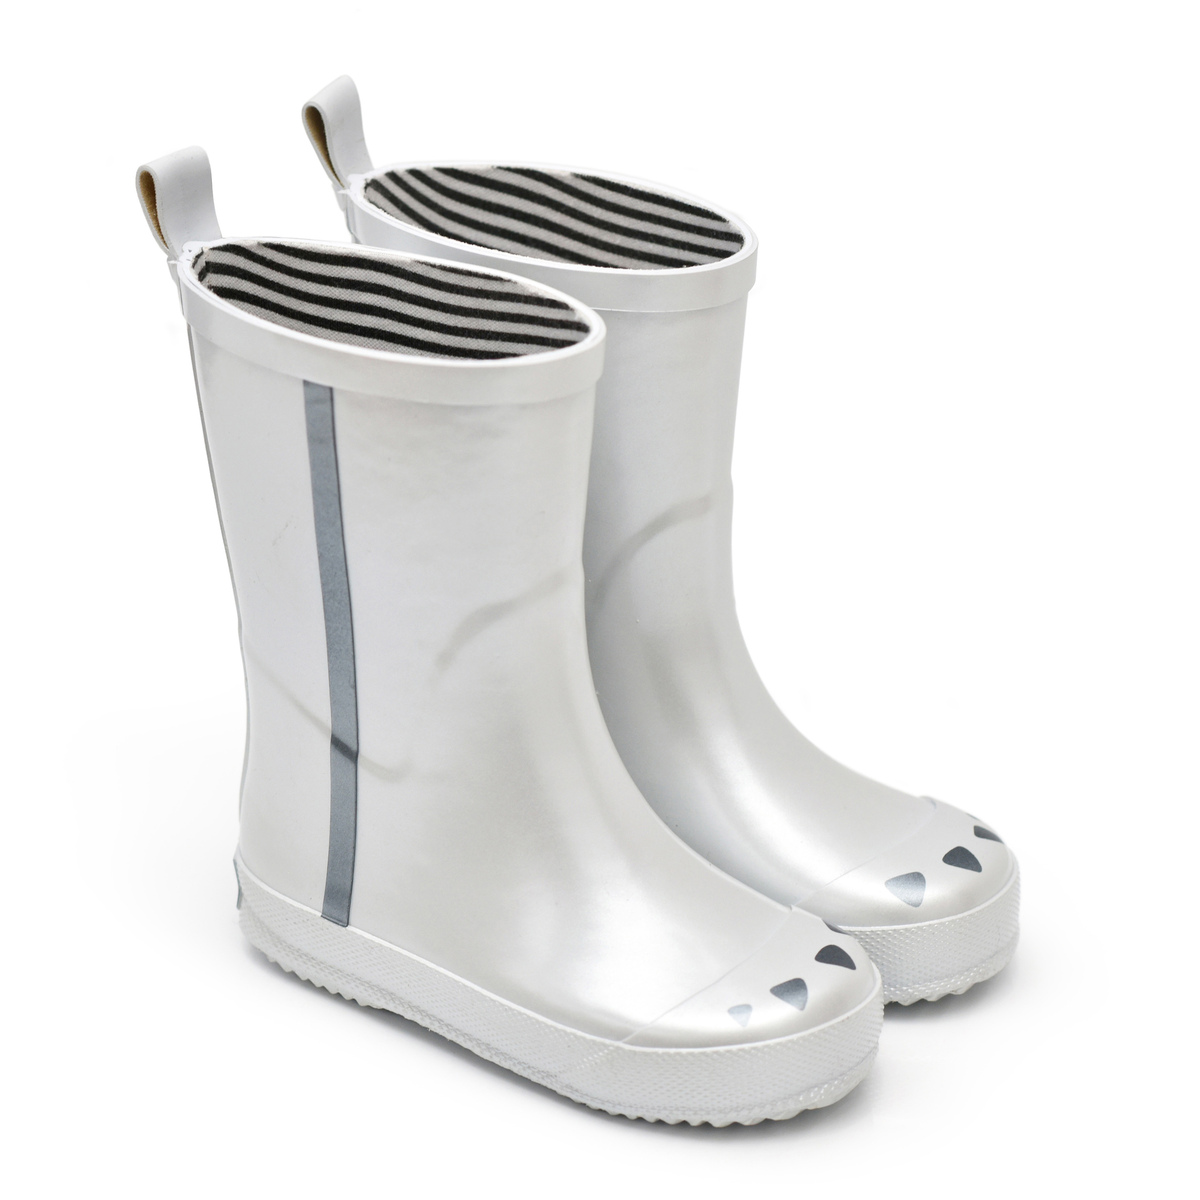 Chaussons & Chaussures Bottes Kerran Argent - 25 Bottes Kerran Argent - 25